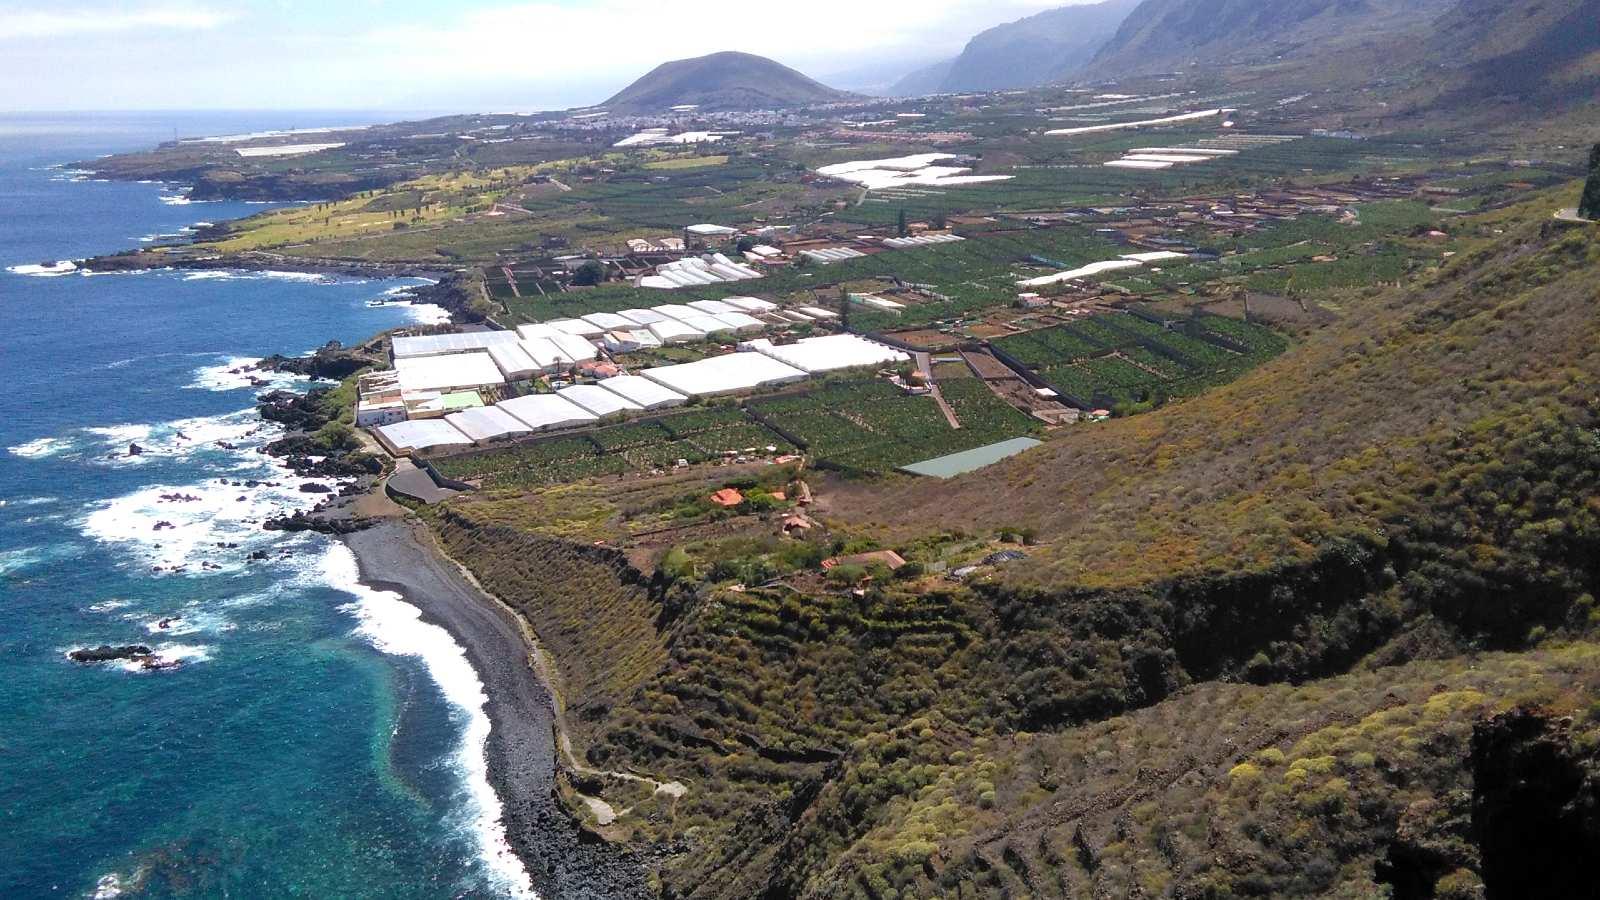 Panorámica de la Isla Baja desde el mirador El Fraile